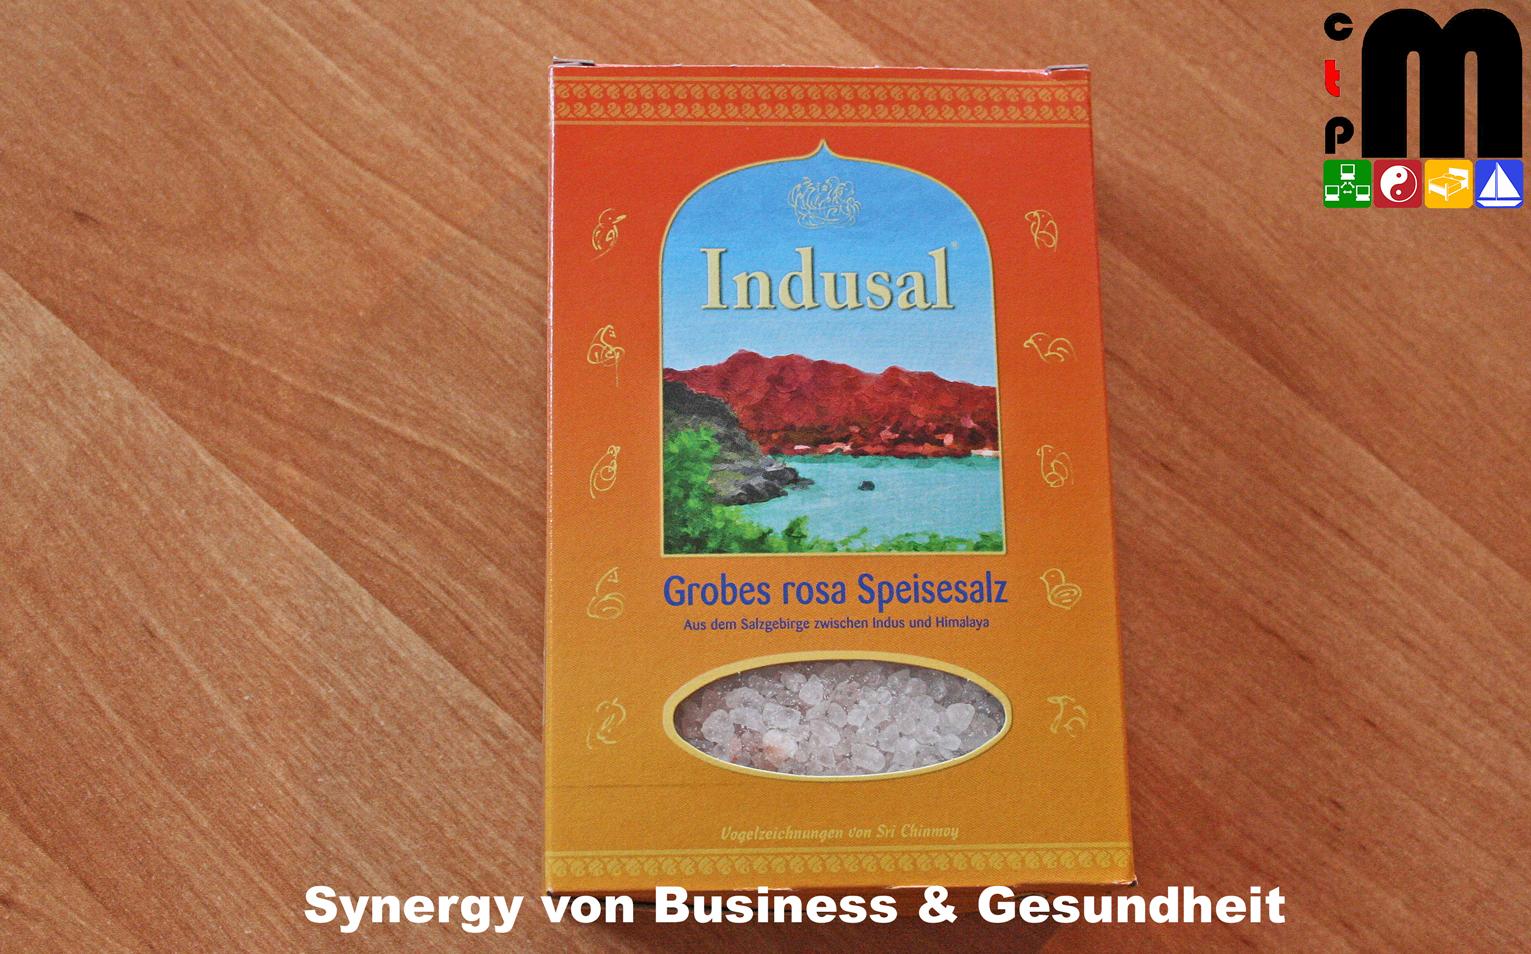 Indusal Speisesalz - Die bergische Salzgrotte - Ruhe und Erholung #HimalayaSpeisesalz #DiebergischeSalzgrotte #RuheundErholung -------------------------------------------------------------- ctpm - Synergy von Business & Gesundheit #synergyvonbusinessundgesundheit #ctpmsynergyvonbusinessundgesundheit -------------------------------------------------------------- Business-Unit: CTPM - BUSINESS IT-Consulting - Development & Programming - Administration - Business Analysis - Solution Architectures - Testmanagement Management-Consulting - Career Planning - Start-up Coaching & Consulting - Freelancer Management - Recruitment Consultant - Backoffice - PMO Training & Development CTPM - HEALTH Health & Wellness - Burnout - Prevention - Education & Training - Coaching - Health-related Travel Massage & Workout Saltgrotto CTPM - ACCOMMODATION Bed & Breakfast Apartment Conference Room Meetingpoint CTPM - MOVE Corporate Sailing & Hiking - Coaching - Teambuilding & Events Boating School - Boating License - Sailing & Travel Rent a Skipper Guests Hiking Personal Training -------------------------------------------------------------- Tags #ctpm #ctpm-business #ctpmbusiness #business #it-consulting #itconsulting #it #consulting #development #programming #developmentandprogramming #developmentprogramming #oracle #plsql #oracledba #webdesign #wordpress #oracleadministration #businessanalysis #solutionarchitectures #testmanagement #testmanager #softwarearchitect #management #consulting #managementconsulting #careerplanning #start-upcoaching #start-up-coaching #startup-coaching #startupcoaching #start-upconsulting #start-up-consulting #startup-consulting #startupconsulting #freelancer #freelancermanagement #freelancer-management - #recruitment #consultant #recruitmentconsultant #backoffice #PMO #training #development #traininganddevelopment #trainingdevelopment #ctpm-health #ctpmhealth #health #health #wellness #healthwellness #burnout #Prevention #burnoutprevention #education #training #